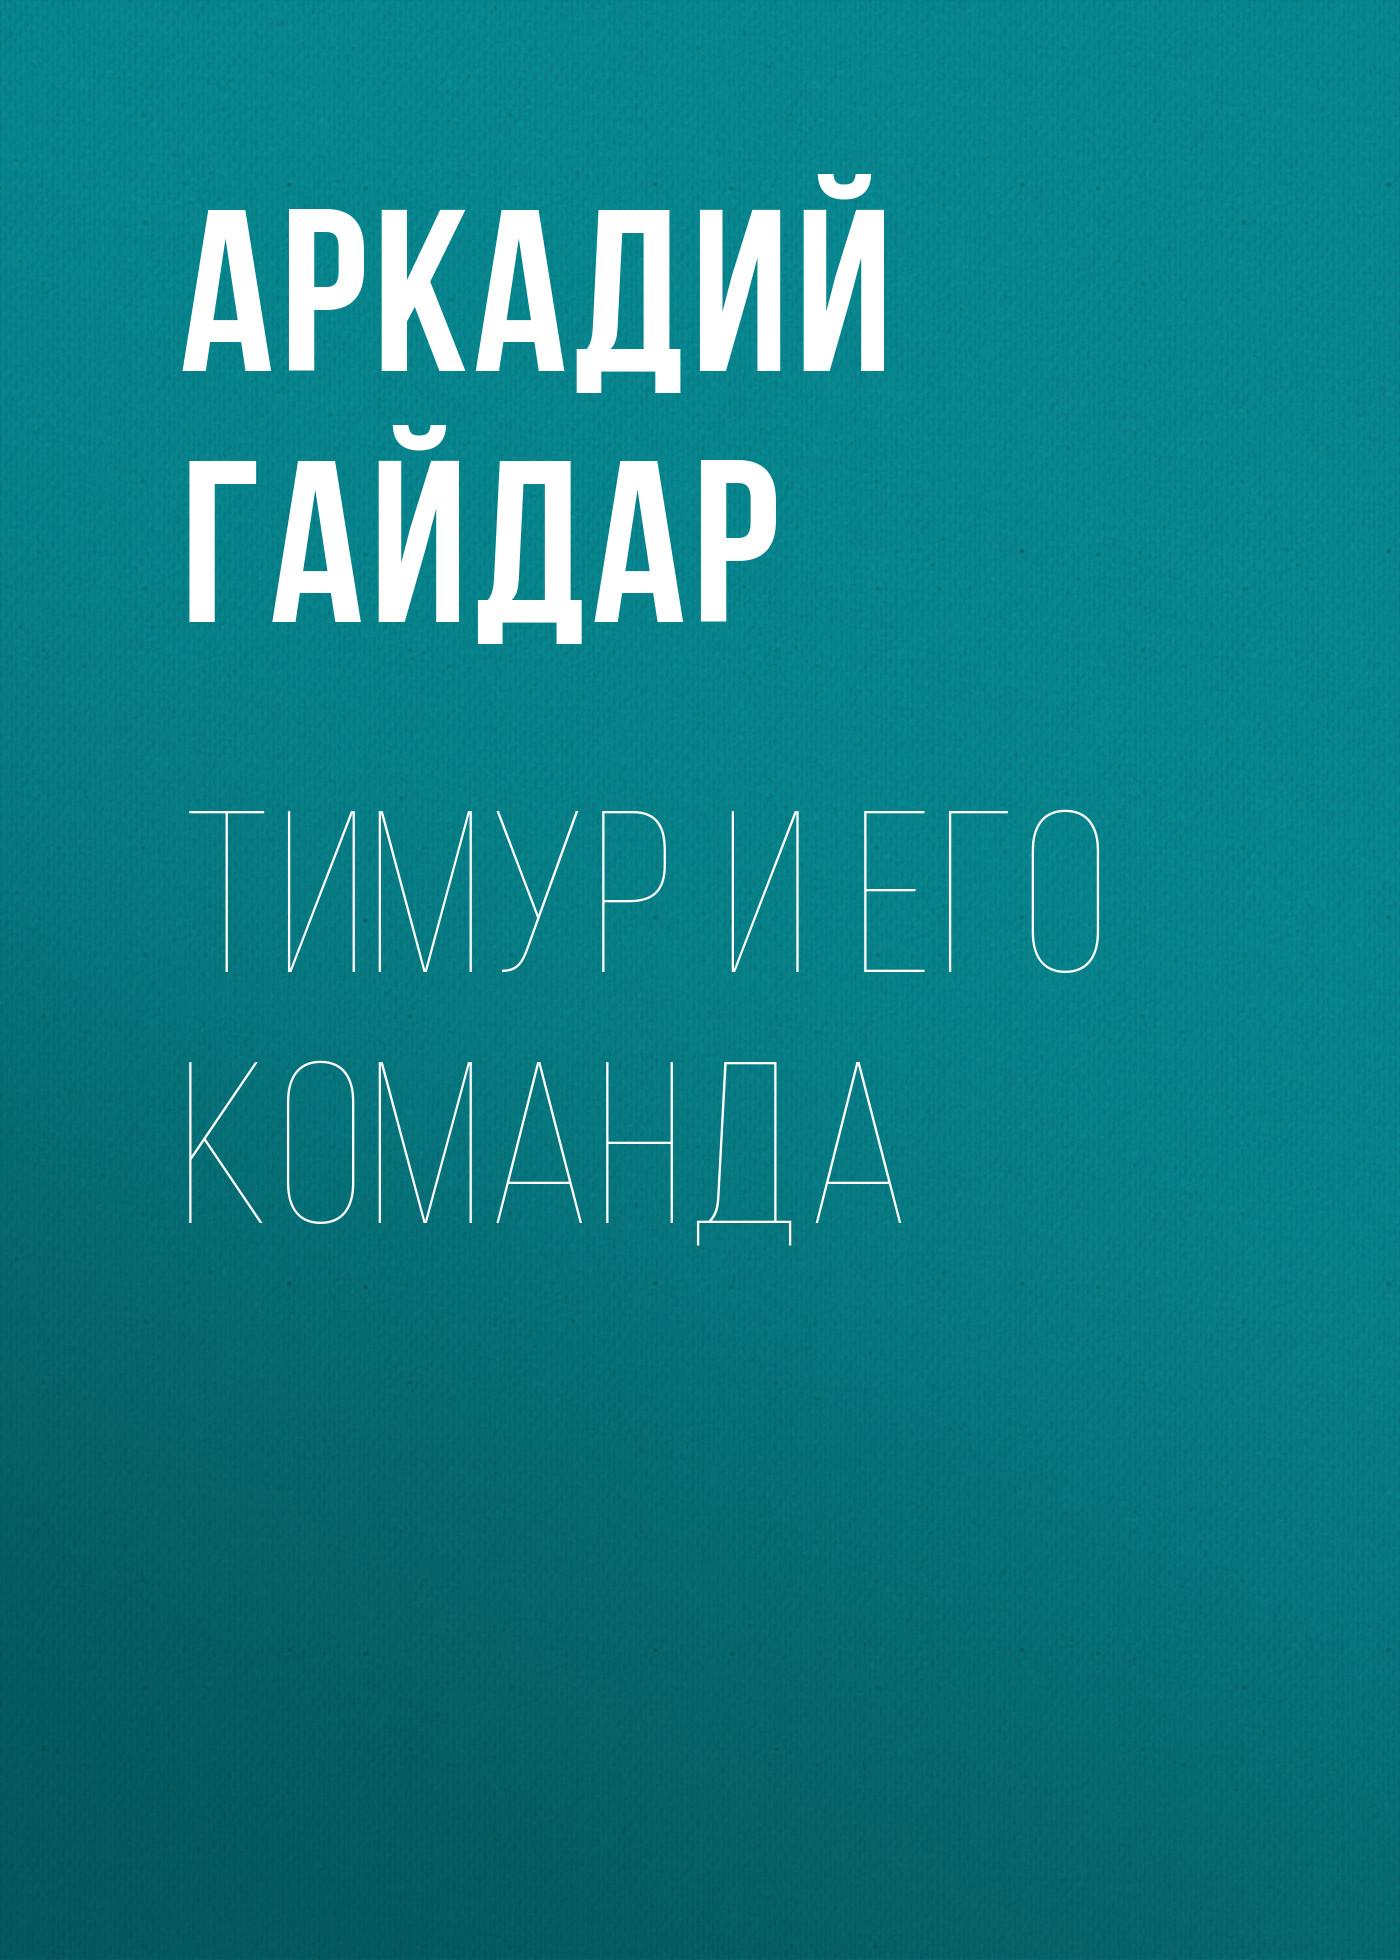 Аркадий Гайдар Тимур и его команда аркадий гайдар проводы